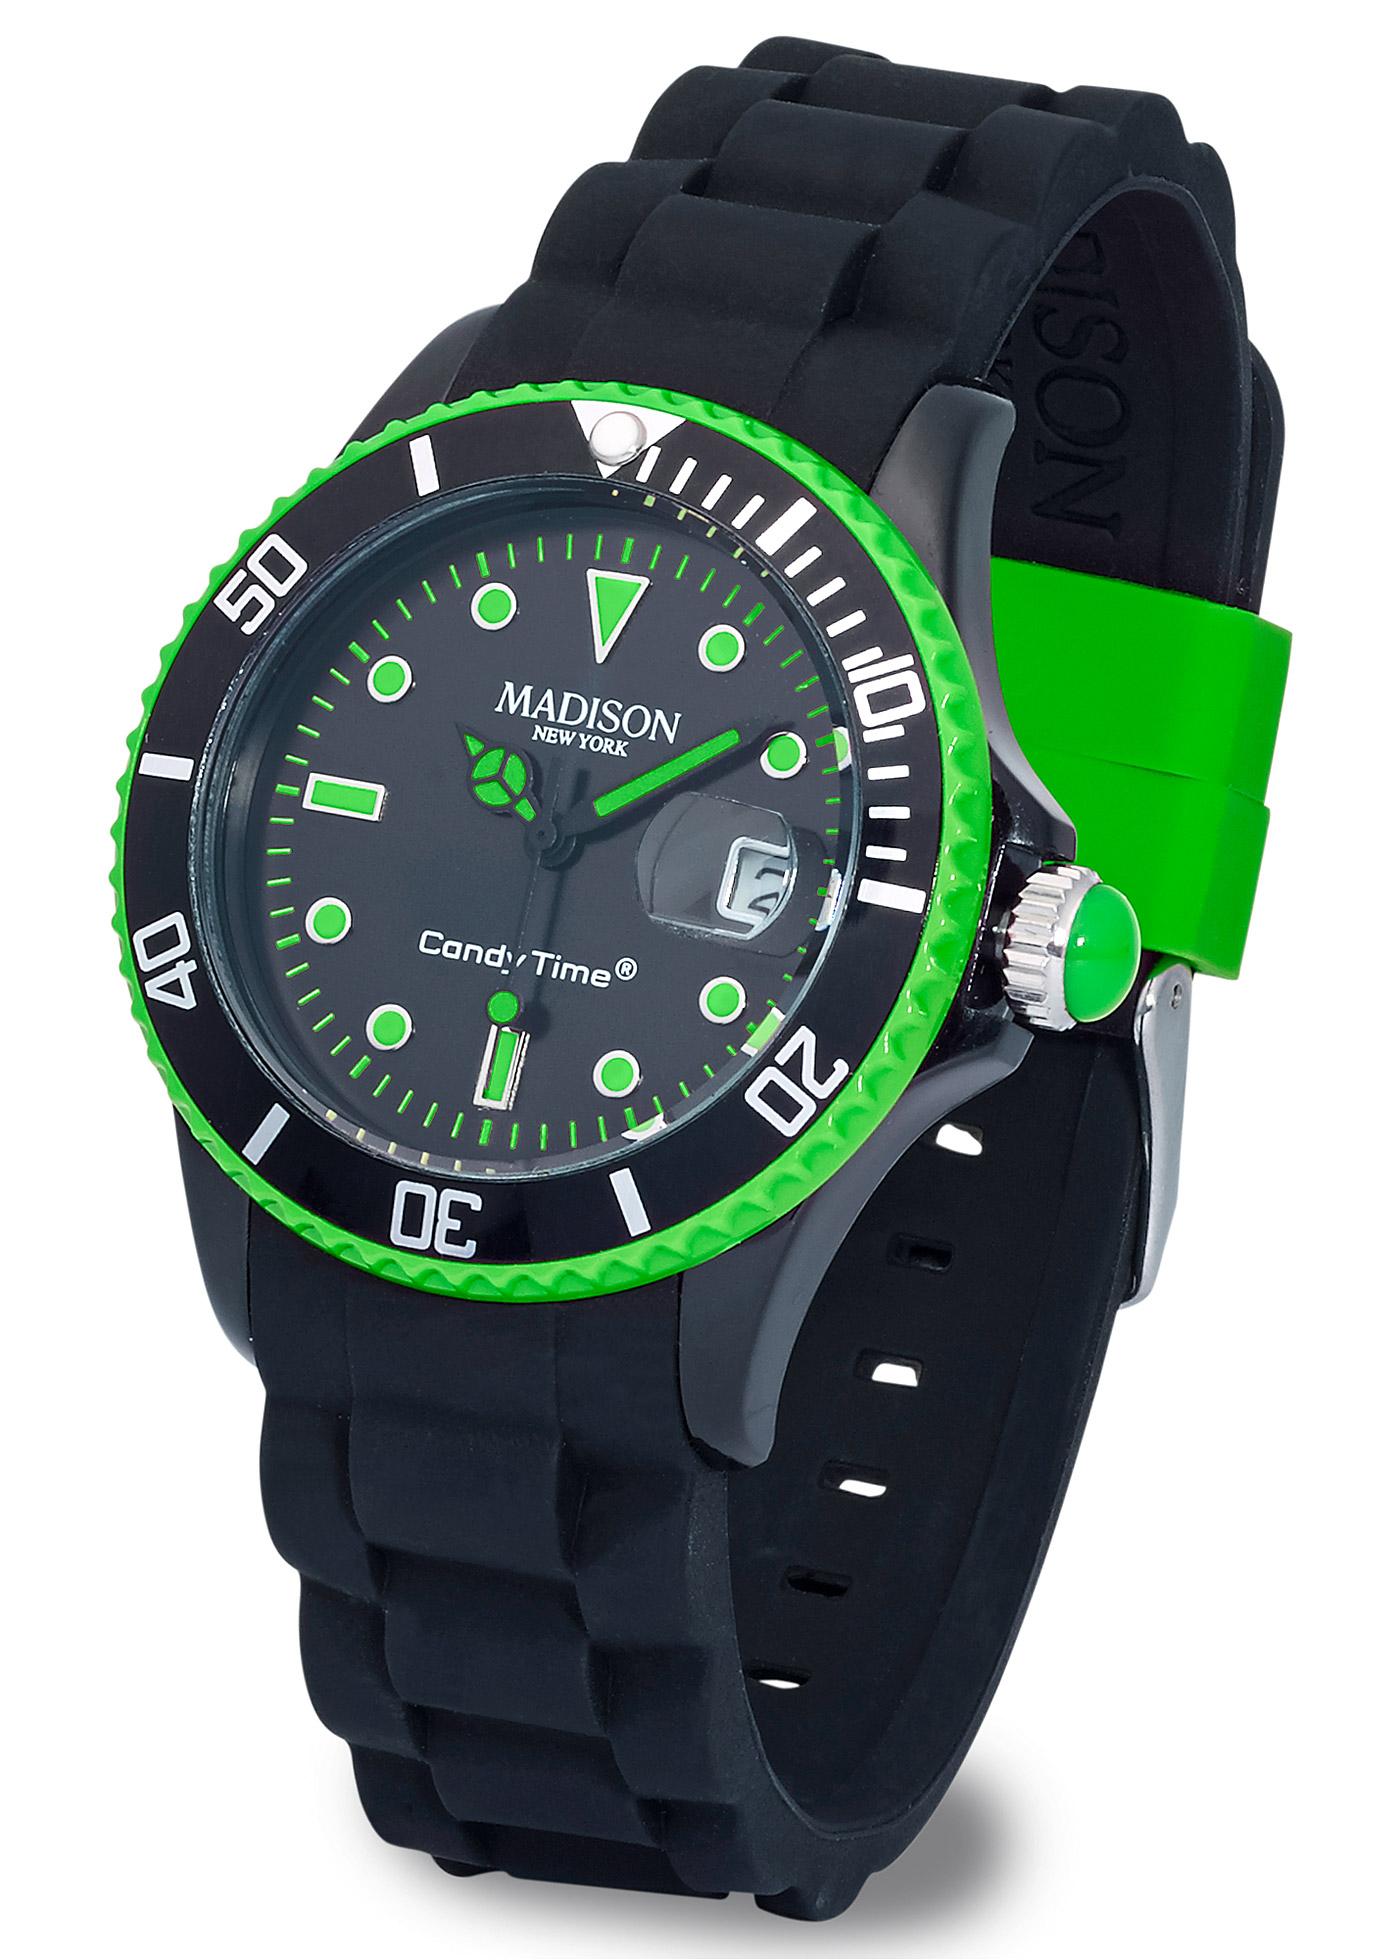 Superbe montre avec bracelet en silicone et touches de couleurs contrastantes ! Affichage des heures, des minutes et des secondes, affichage de la date avec loupe intégrée pour une meilleure visibilité. Bracelet en silicone confortable. Boîtier en polycar